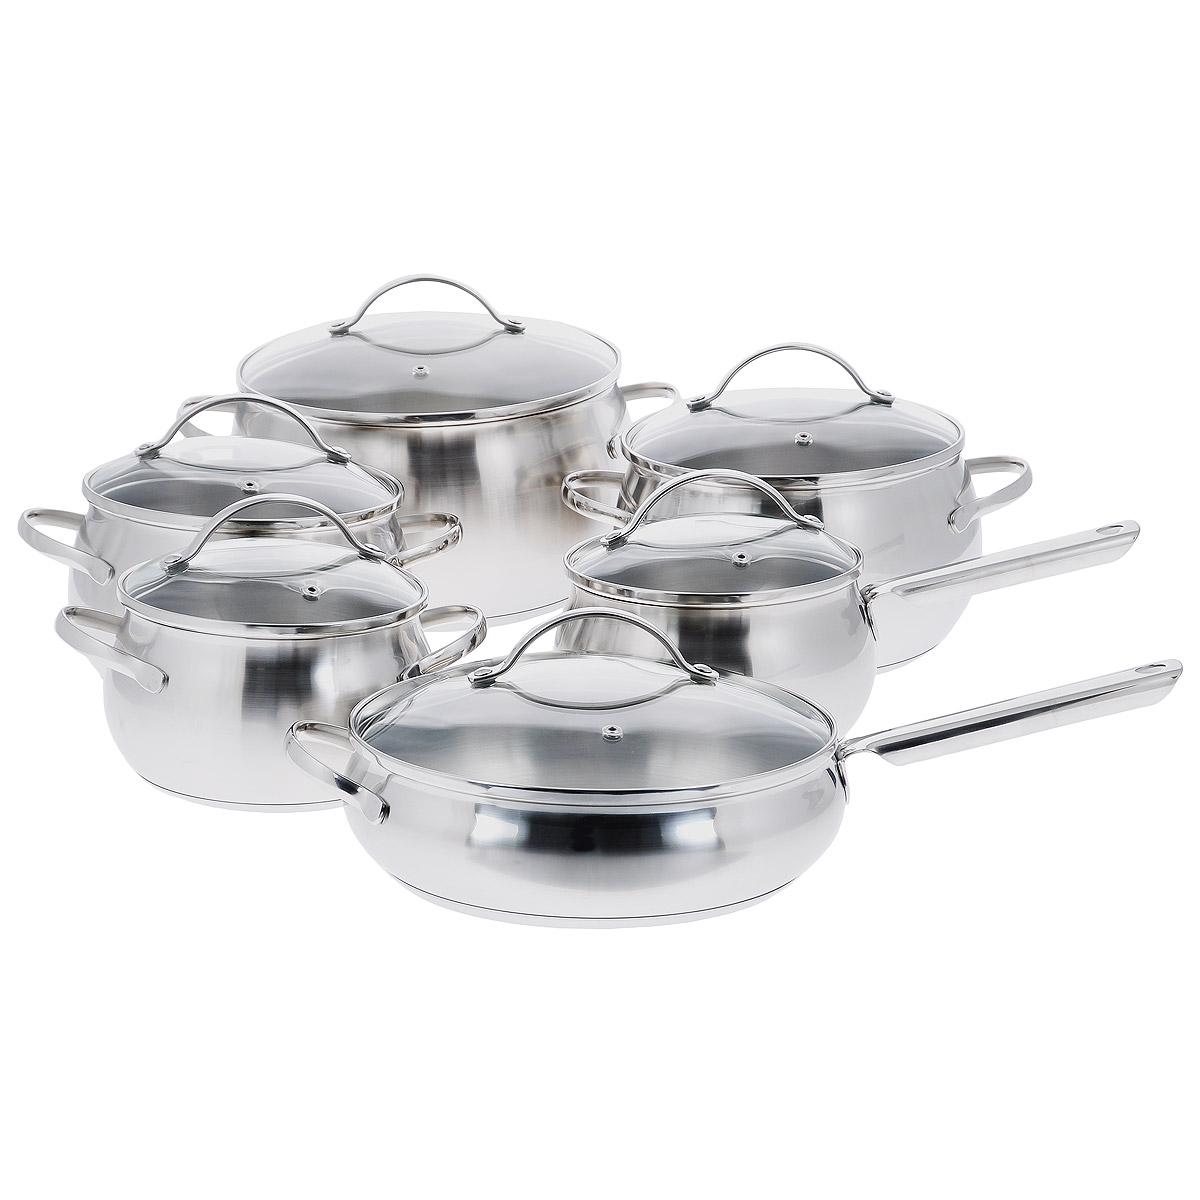 Набор посуды Regent Inox Apple, 12 предметов. 93-D-1293-D-12Набор посуды Regent Inox Apple состоит из четырех кастрюль разного объема с крышками, сковороды с крышкой и ковша с ручкой и крышкой. Все предметы набора выполнены из высококачественной нержавеющей стали с матовой полировкой. Крышки, изготовленные из термостойкого стекла, снабжены металлическими ободками для прочности и более плотного закрывания и отверстиями для выпуска пара. В посуде Regent Inox Apple, изготовленной из экологически чистого материала, можно готовить без масла или жира, в этой посуде сохраняются все полезные свойства продуктов и естественные вкусовые качества. Оптимальное соотношение толщины дна и стенок посуды обеспечивает равномерное распределение тепла, экономит энергию, устойчиво к деформации. Многослойное капсулированное дно аккумулирует тепло, способствует быстрому закипанию и приготовлению пищи даже при небольшой мощности конфорок. Крепление ручек посуды к корпусу методом точечной сварки обеспечивает минимальный нагрев, прочность и надежность. ...